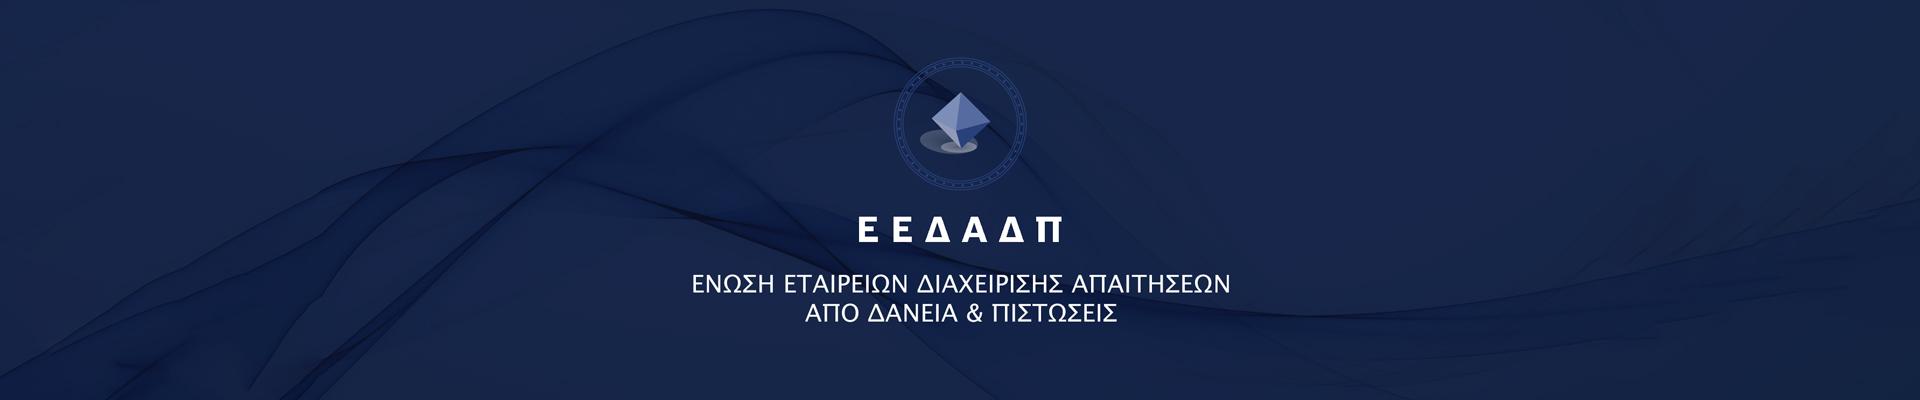 ΕΕΔΑΔΠ - banner